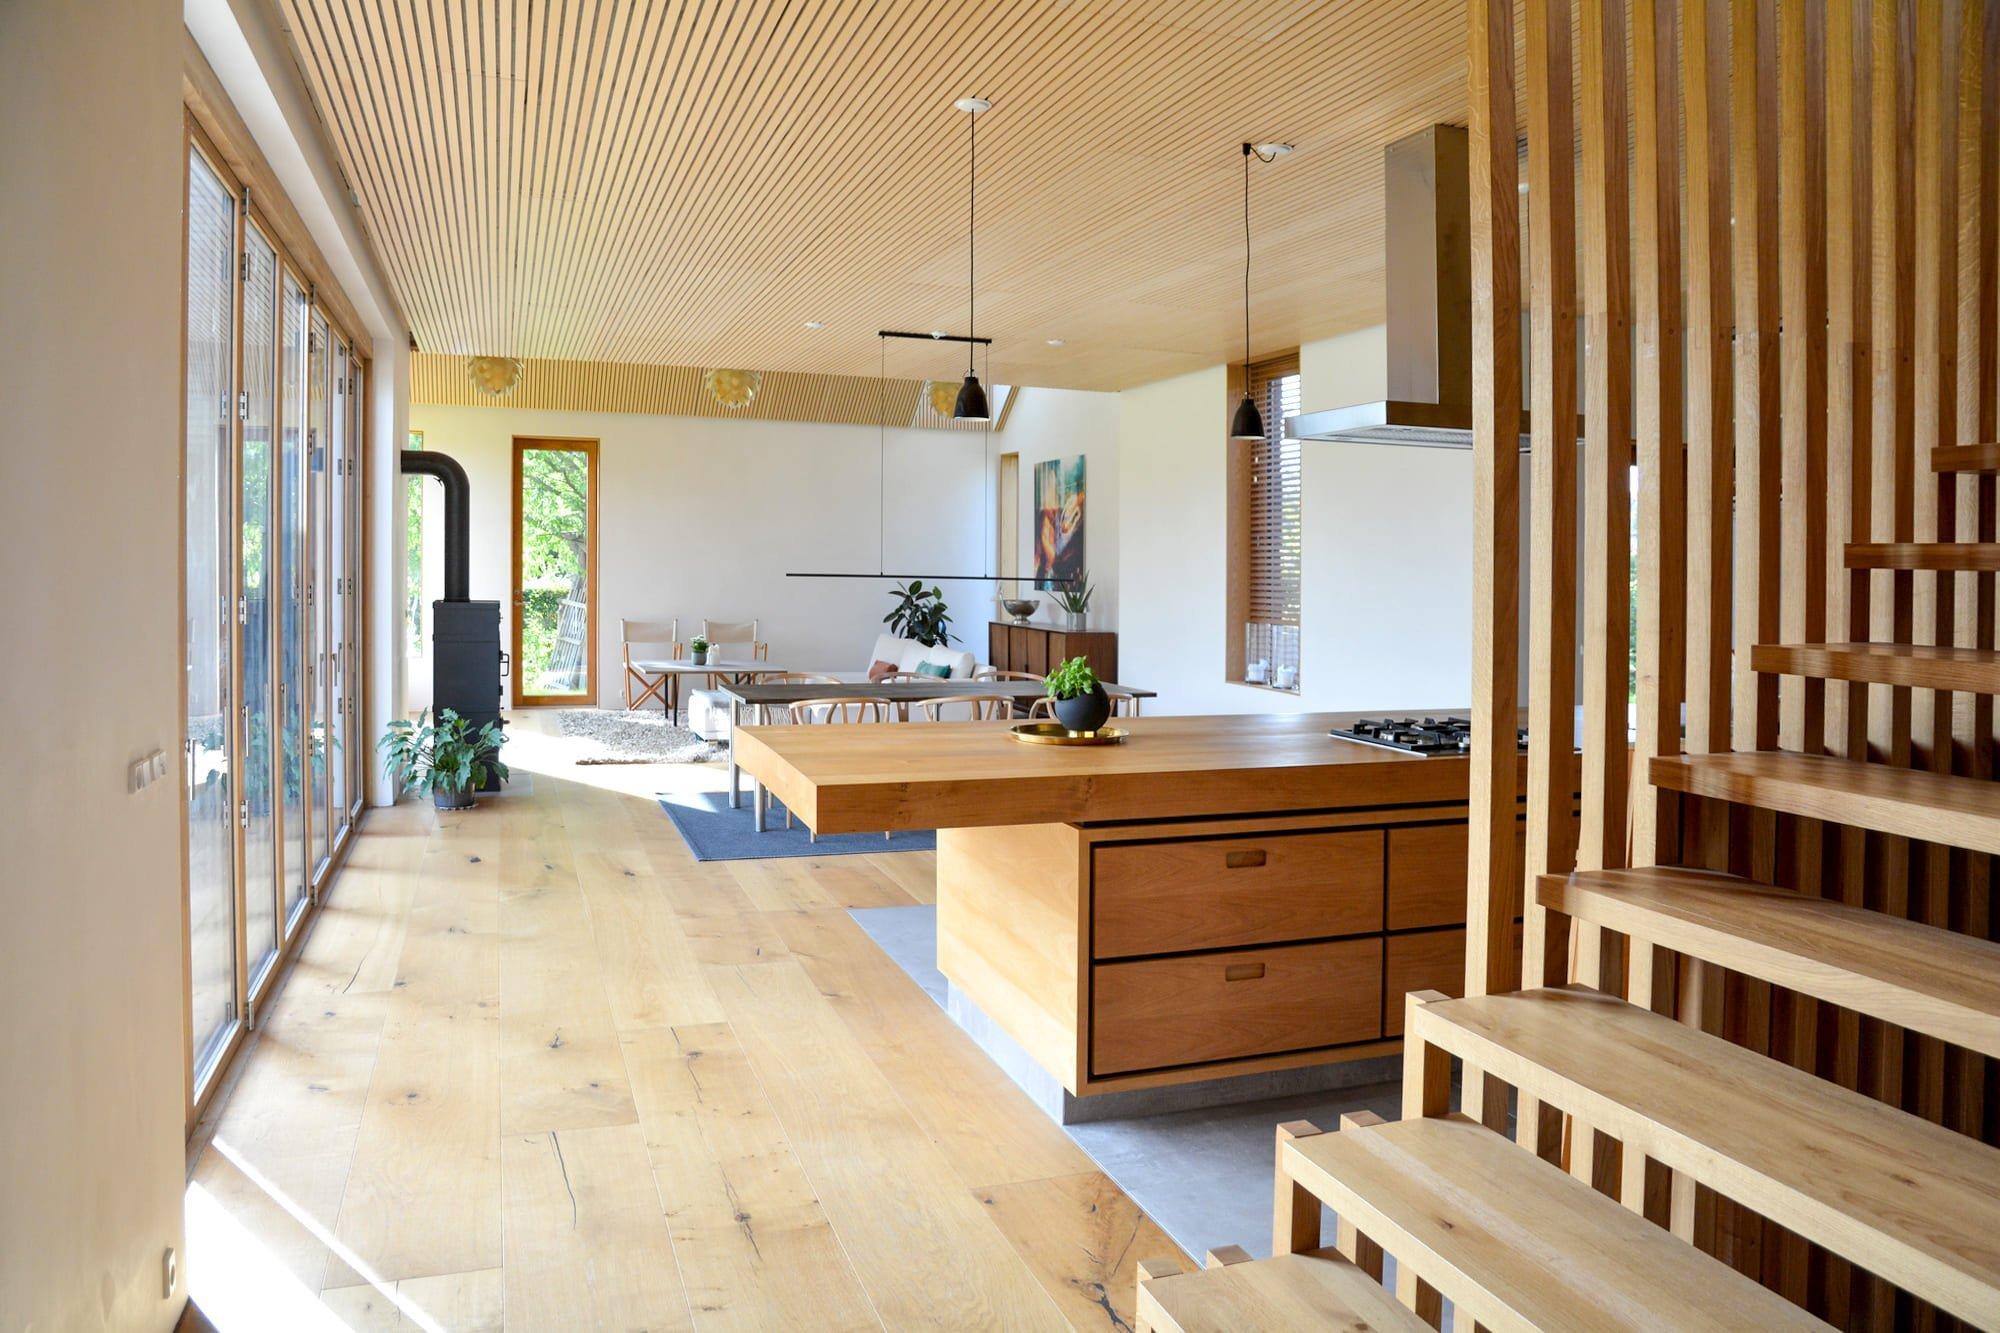 Možnost bydlení uprostřed chráněné přírodní rezervace s výhledem na golfové hřiště naprosto učarovala dánsko-anglické rodině. Na zajímavém pozemku tak vznikl neméně zajímavý rodinný dům, ve kterém se snoubí skandinávský styl s anglickou klasikou.